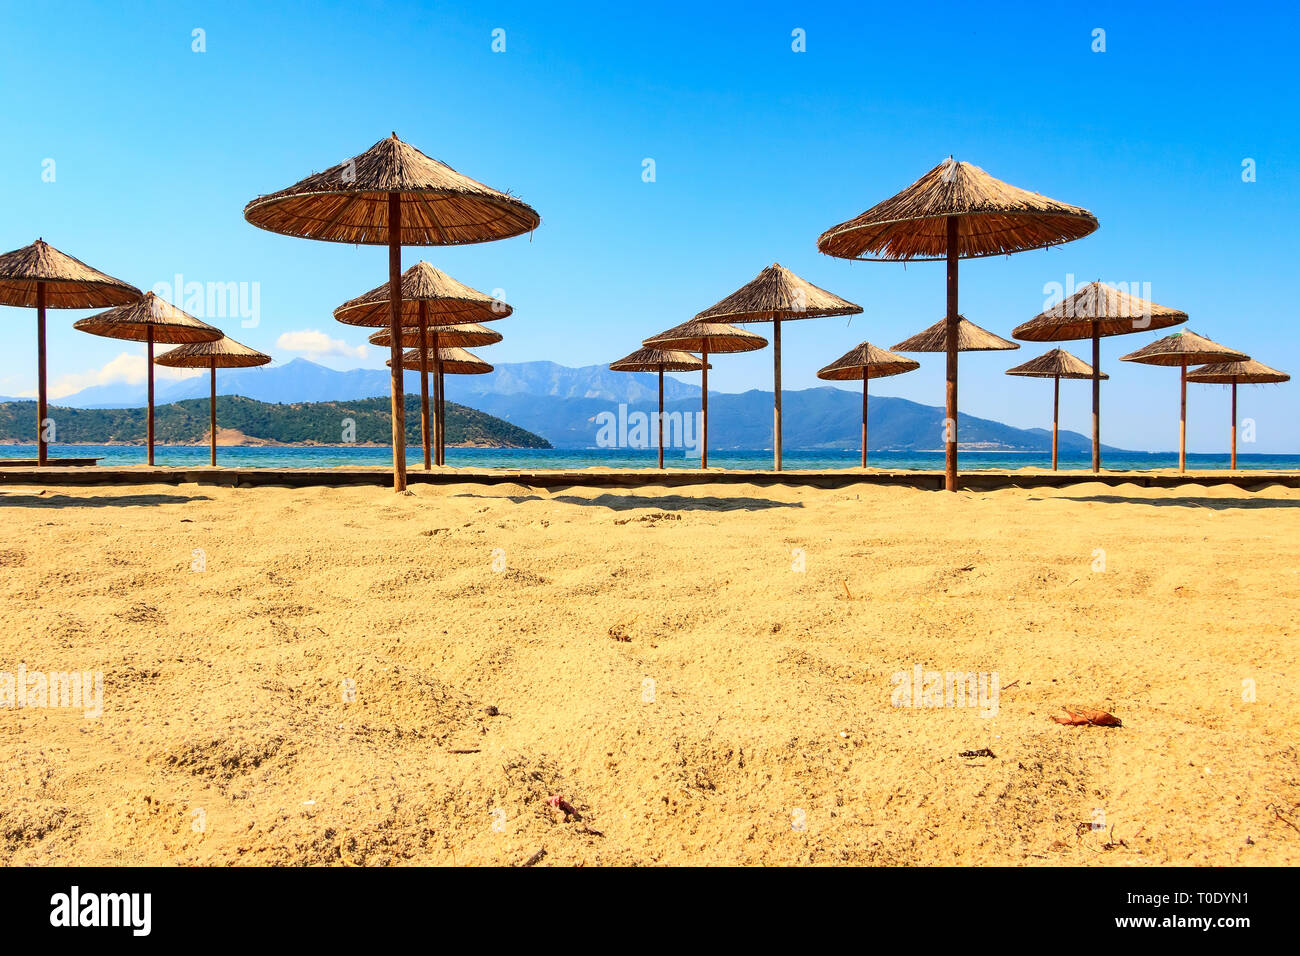 Fila Di Ombrelloni In Legno In Spiaggia Di Sabbia Mare E Cielo Blu